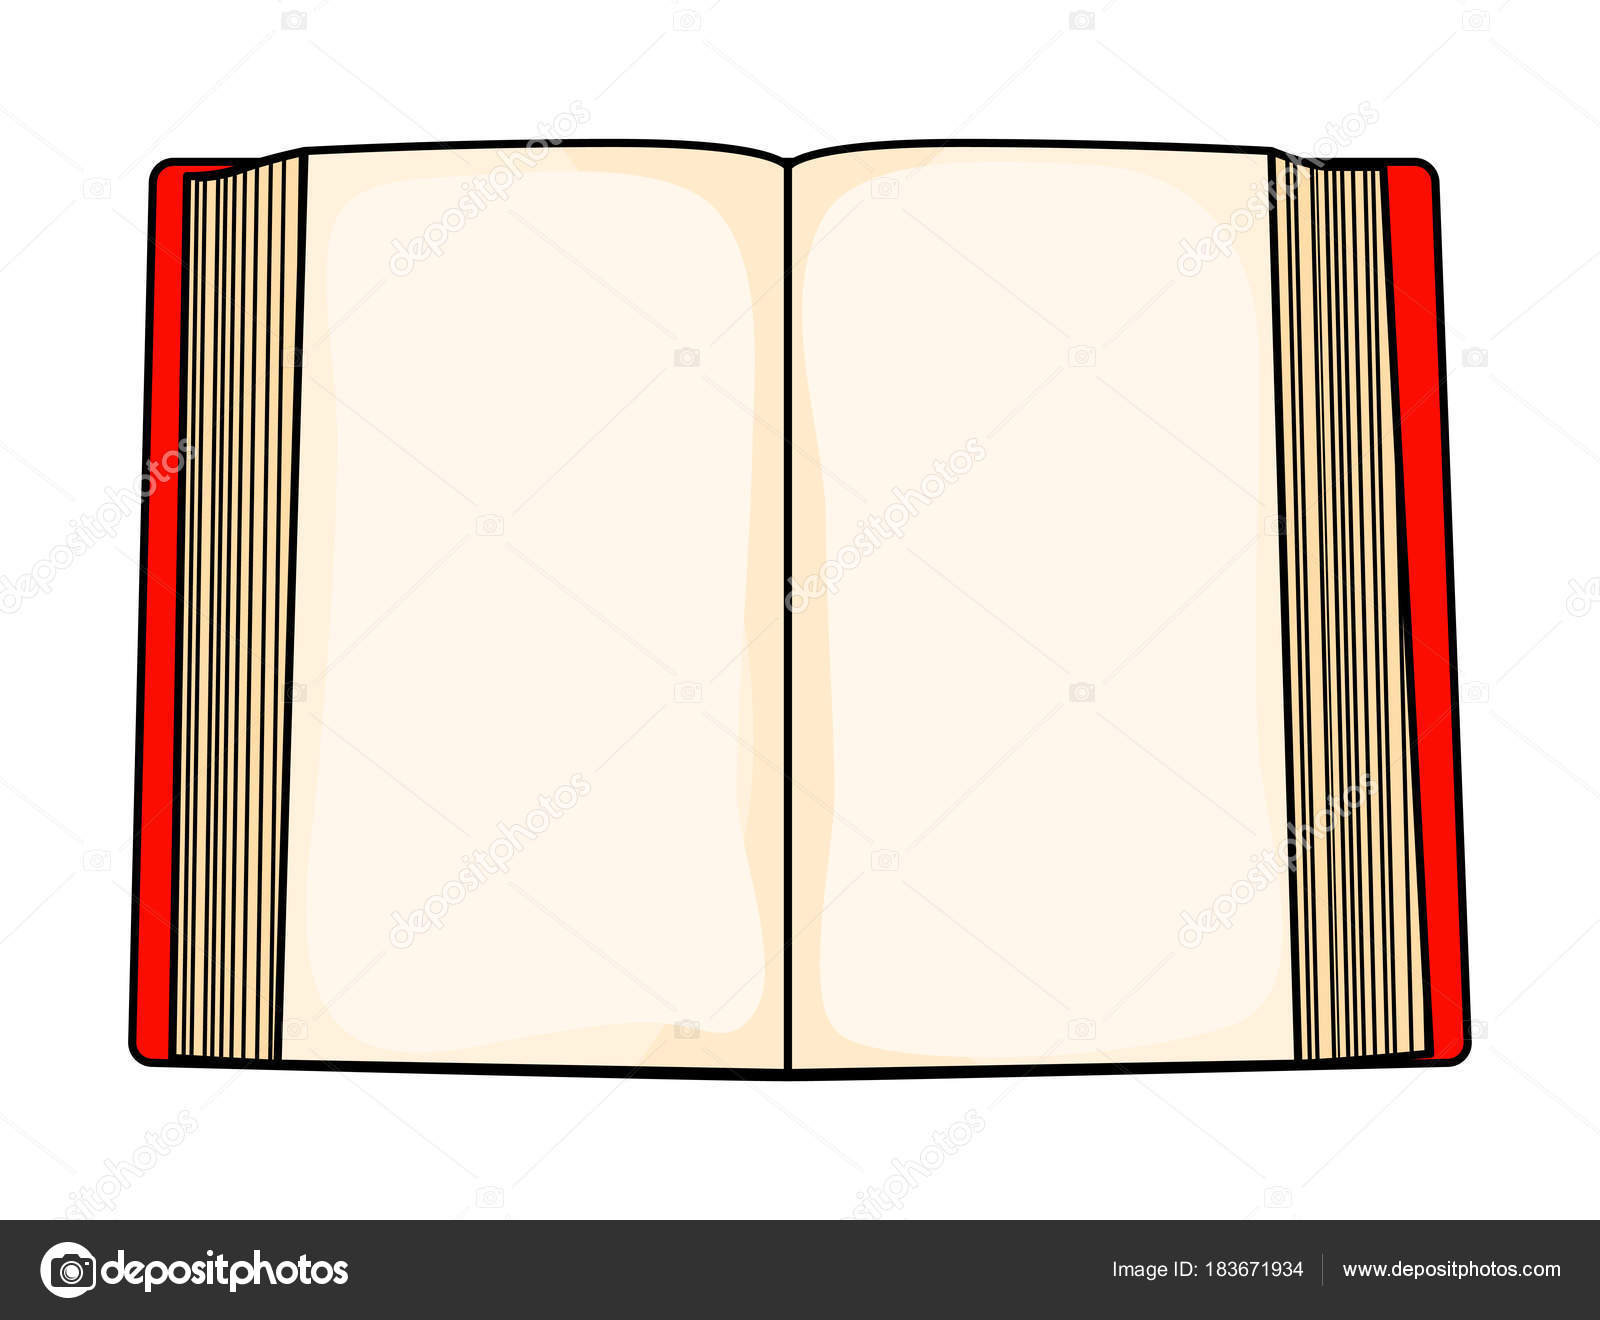 Libro Abierto Dibujo Animado Rojo Aislado Sobre Fondo